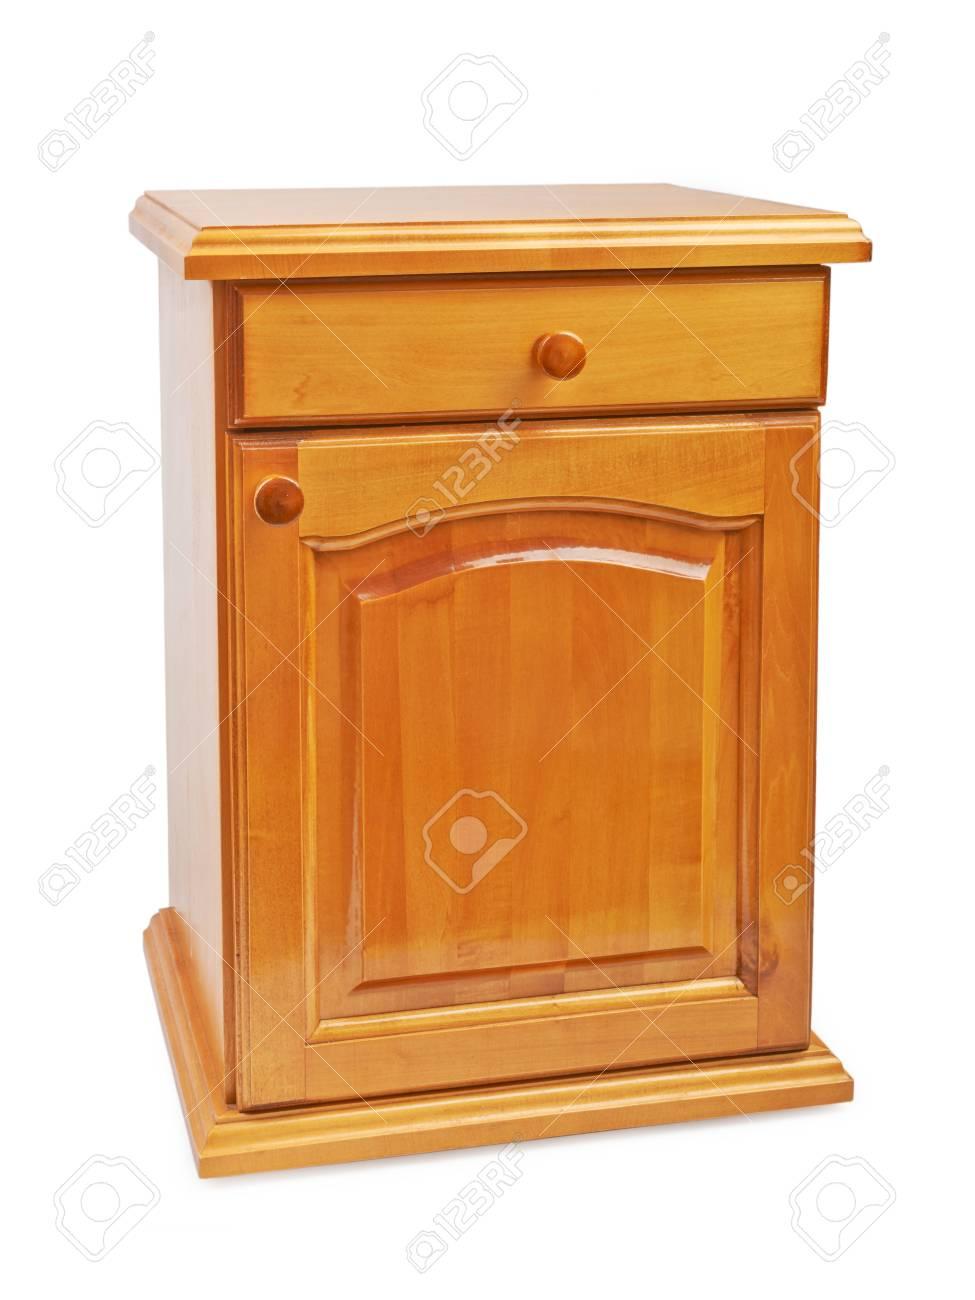 Holz Nachttisch holz nachttisch nachttisch auf einem weißen hintergrund lizenzfreie